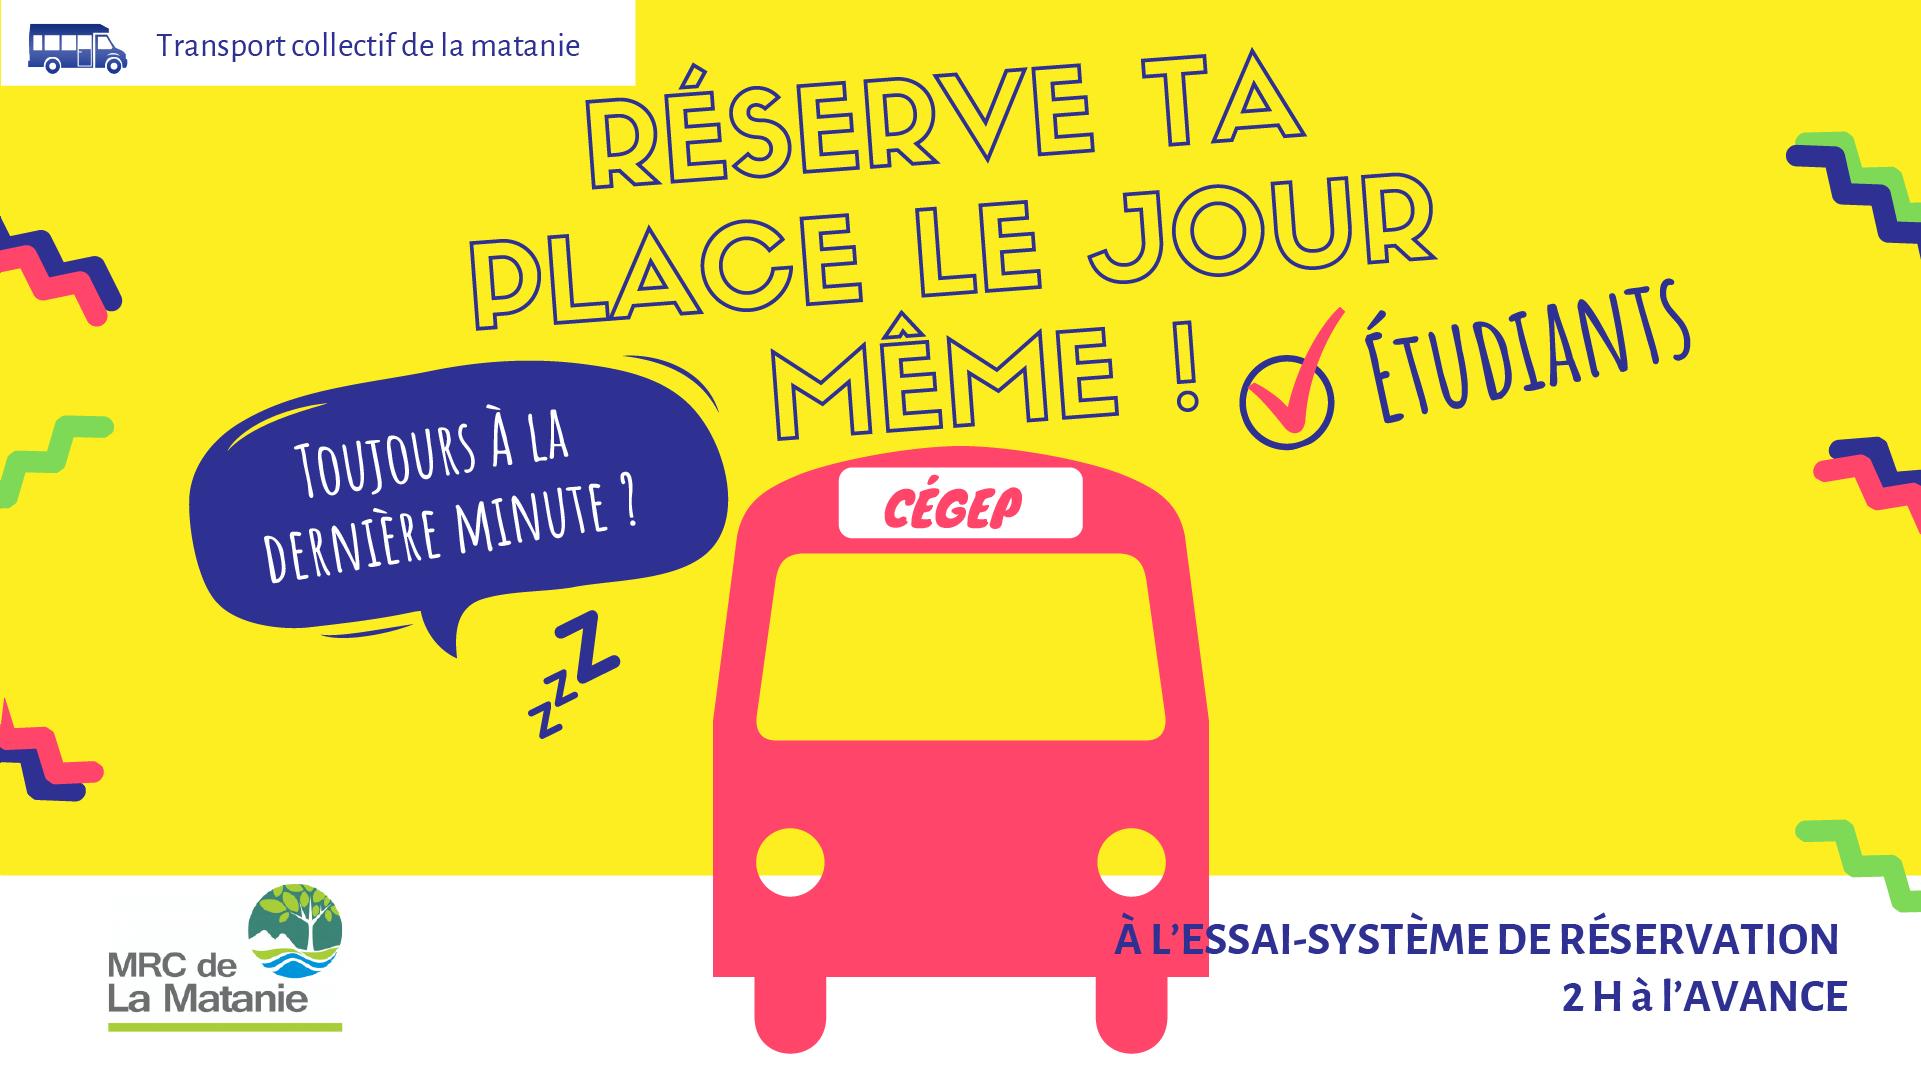 Affiche du bus